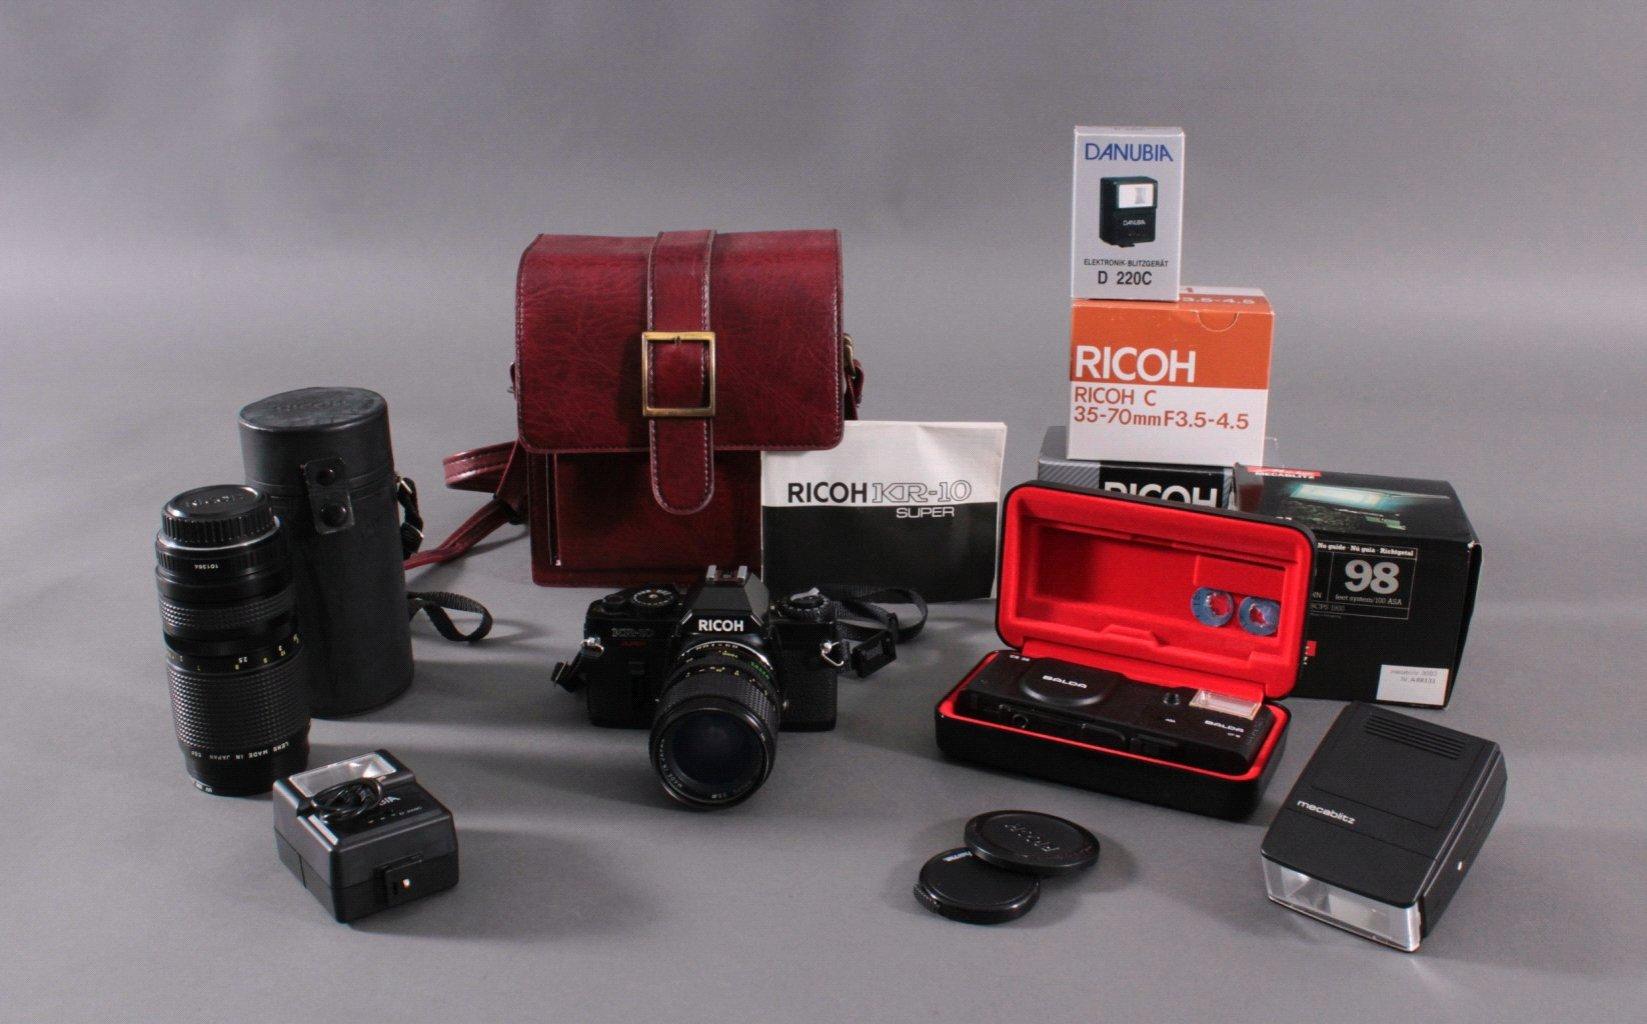 Richo XR-10 Fotoaparat mit Zubehör und Ledertsche-1